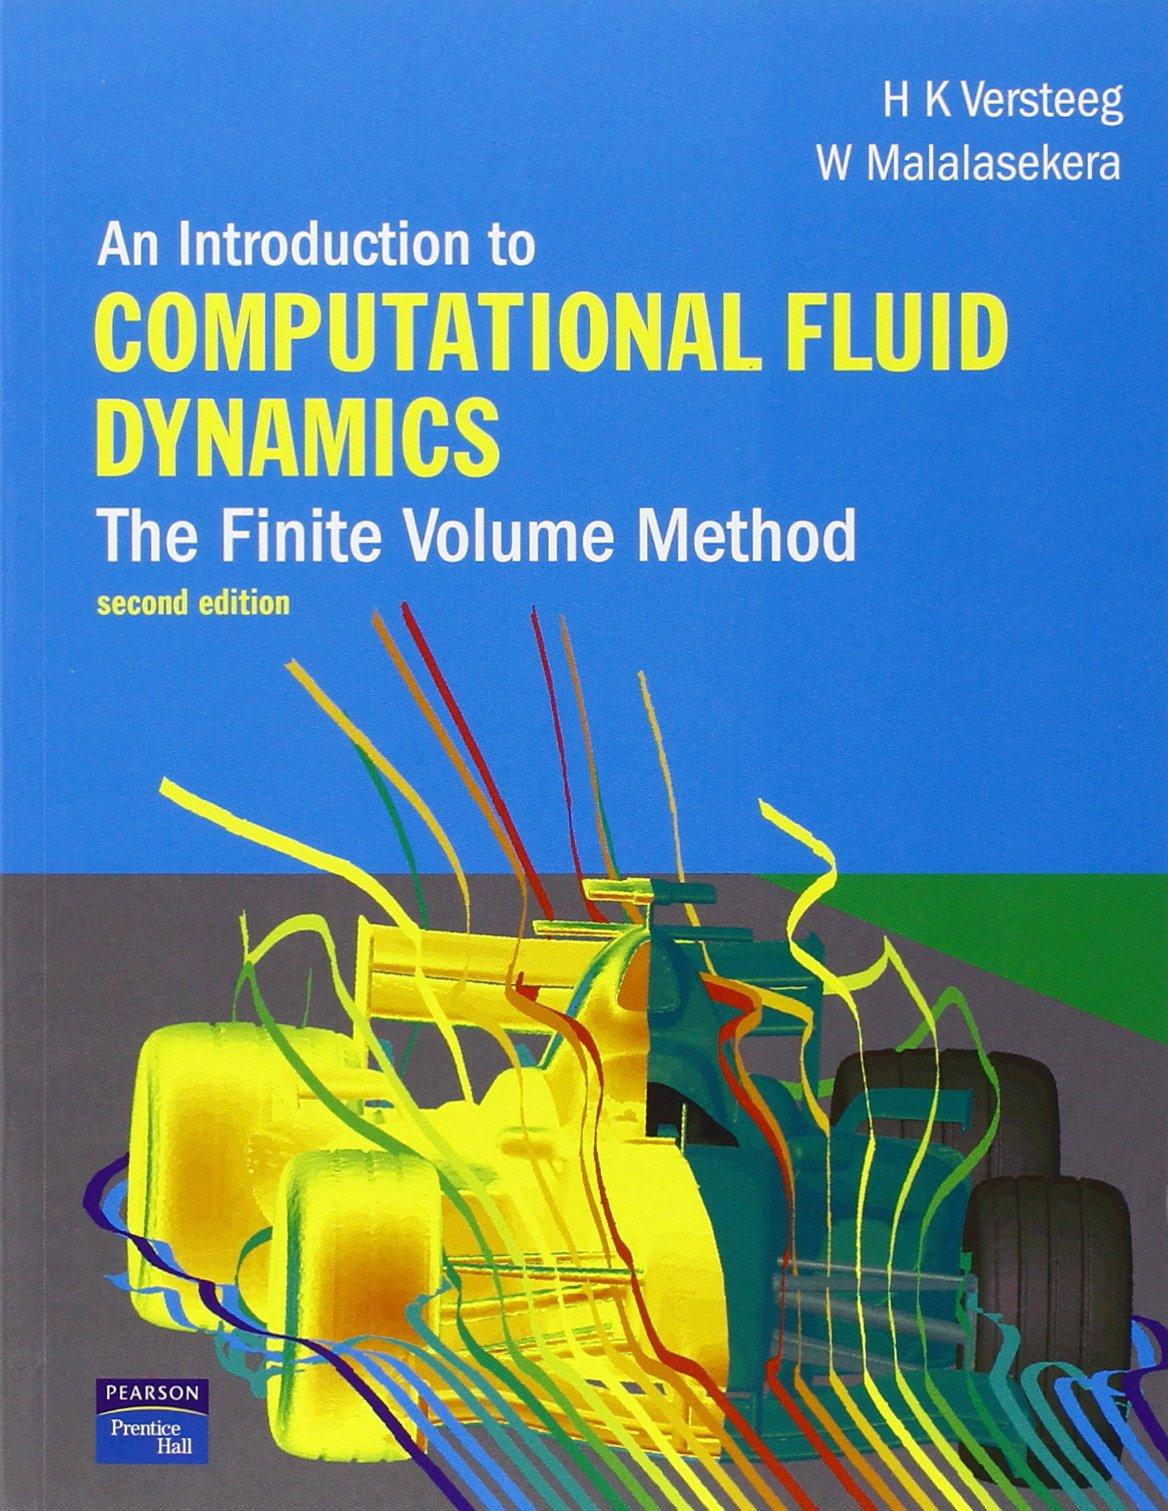 Fluid dynamics textbook pdf dolapgnetband fluid dynamics textbook pdf fandeluxe Images